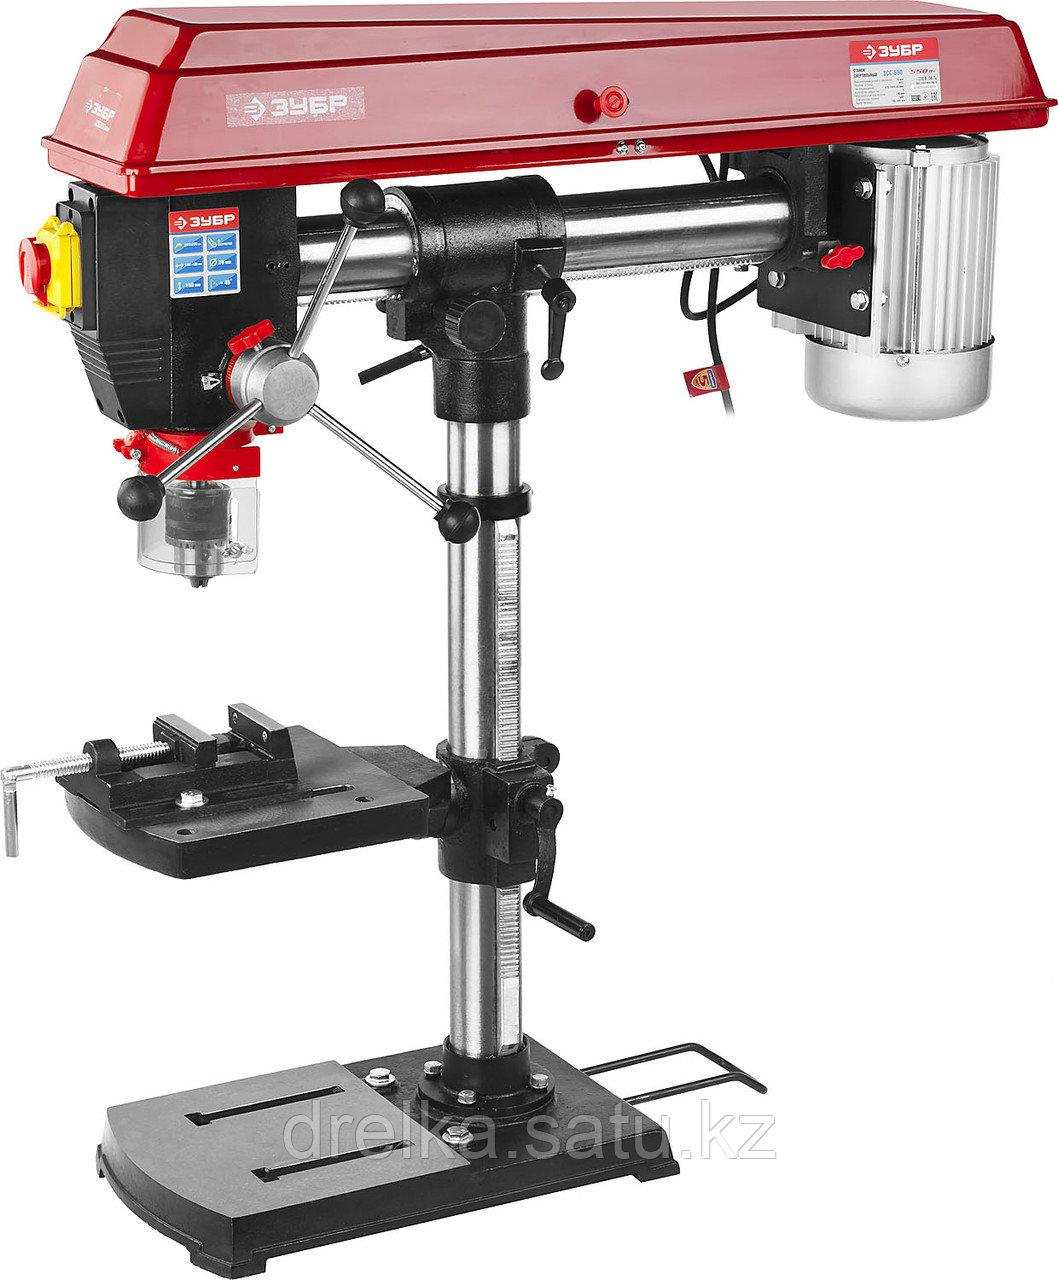 Станок сверлильный ЗУБР ЗСС-550, безопасный выключатель, 5 скоростей, патрон 16 мм, 550 Вт.